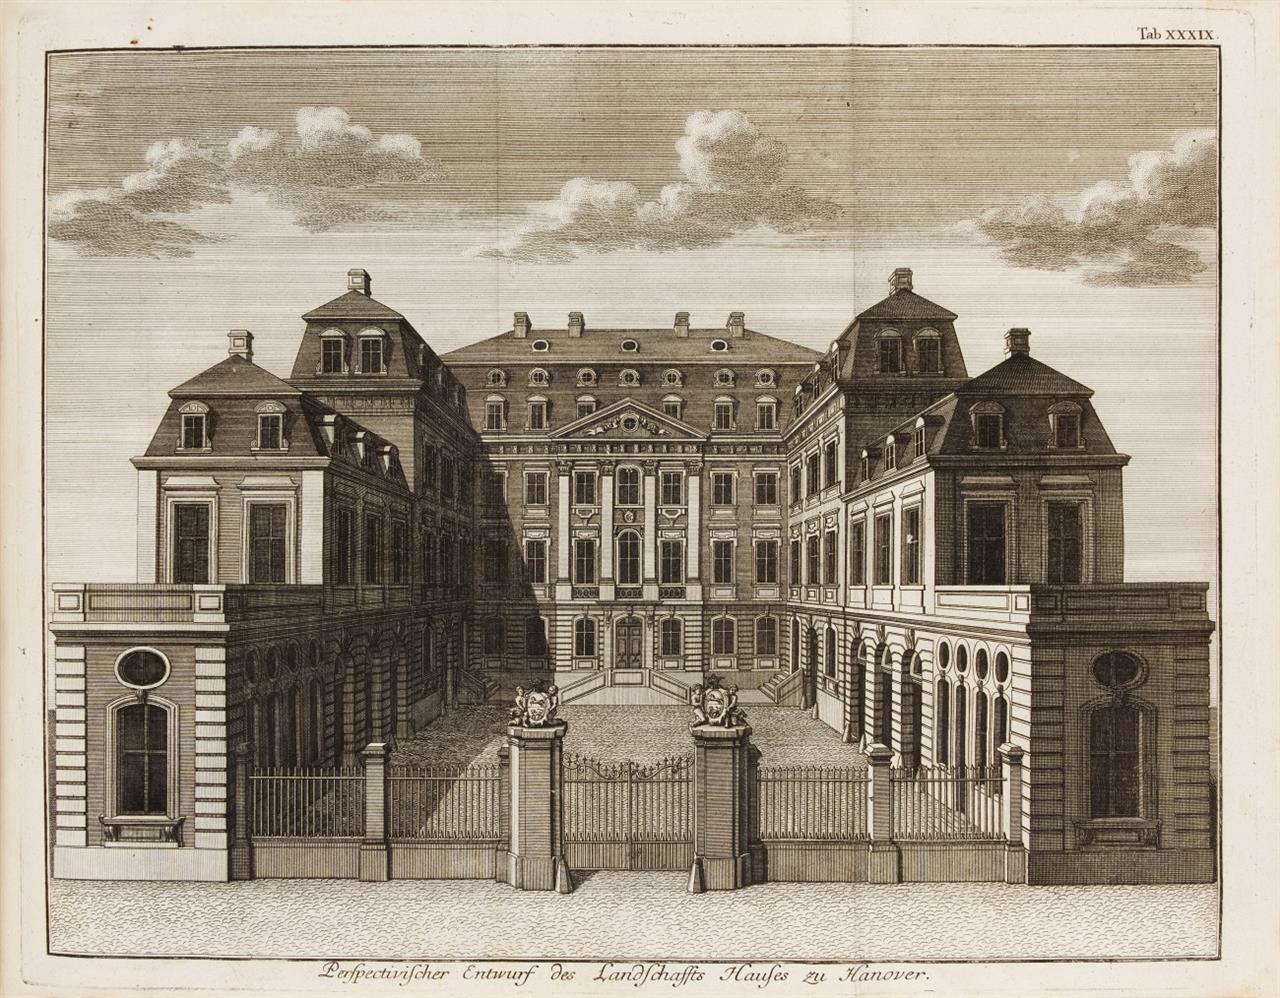 J. F. Penther, Bau-Kunst. Mischaufl. 4 Bde. in 2. Augsburg 1746-64.